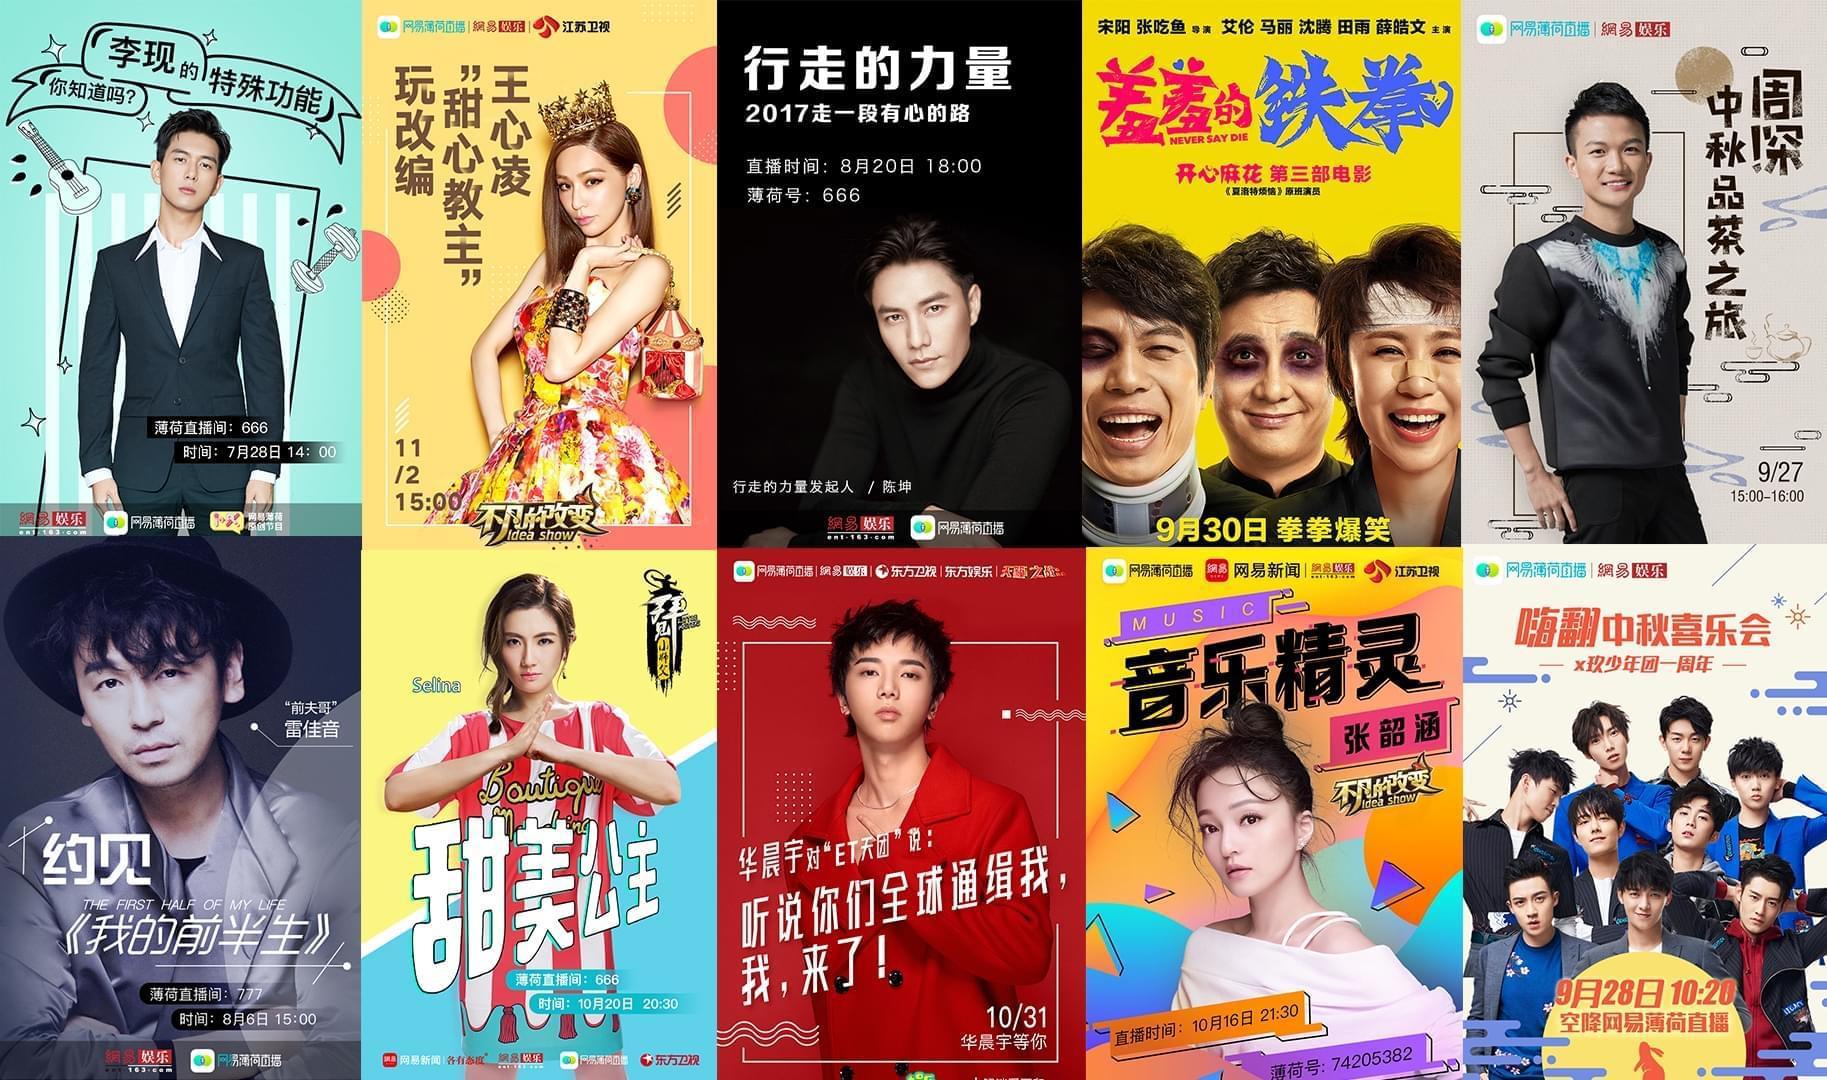 """网易薄荷直播斩获""""年度最佳新娱乐平台""""奖 进一步引领娱乐内容消费升级"""